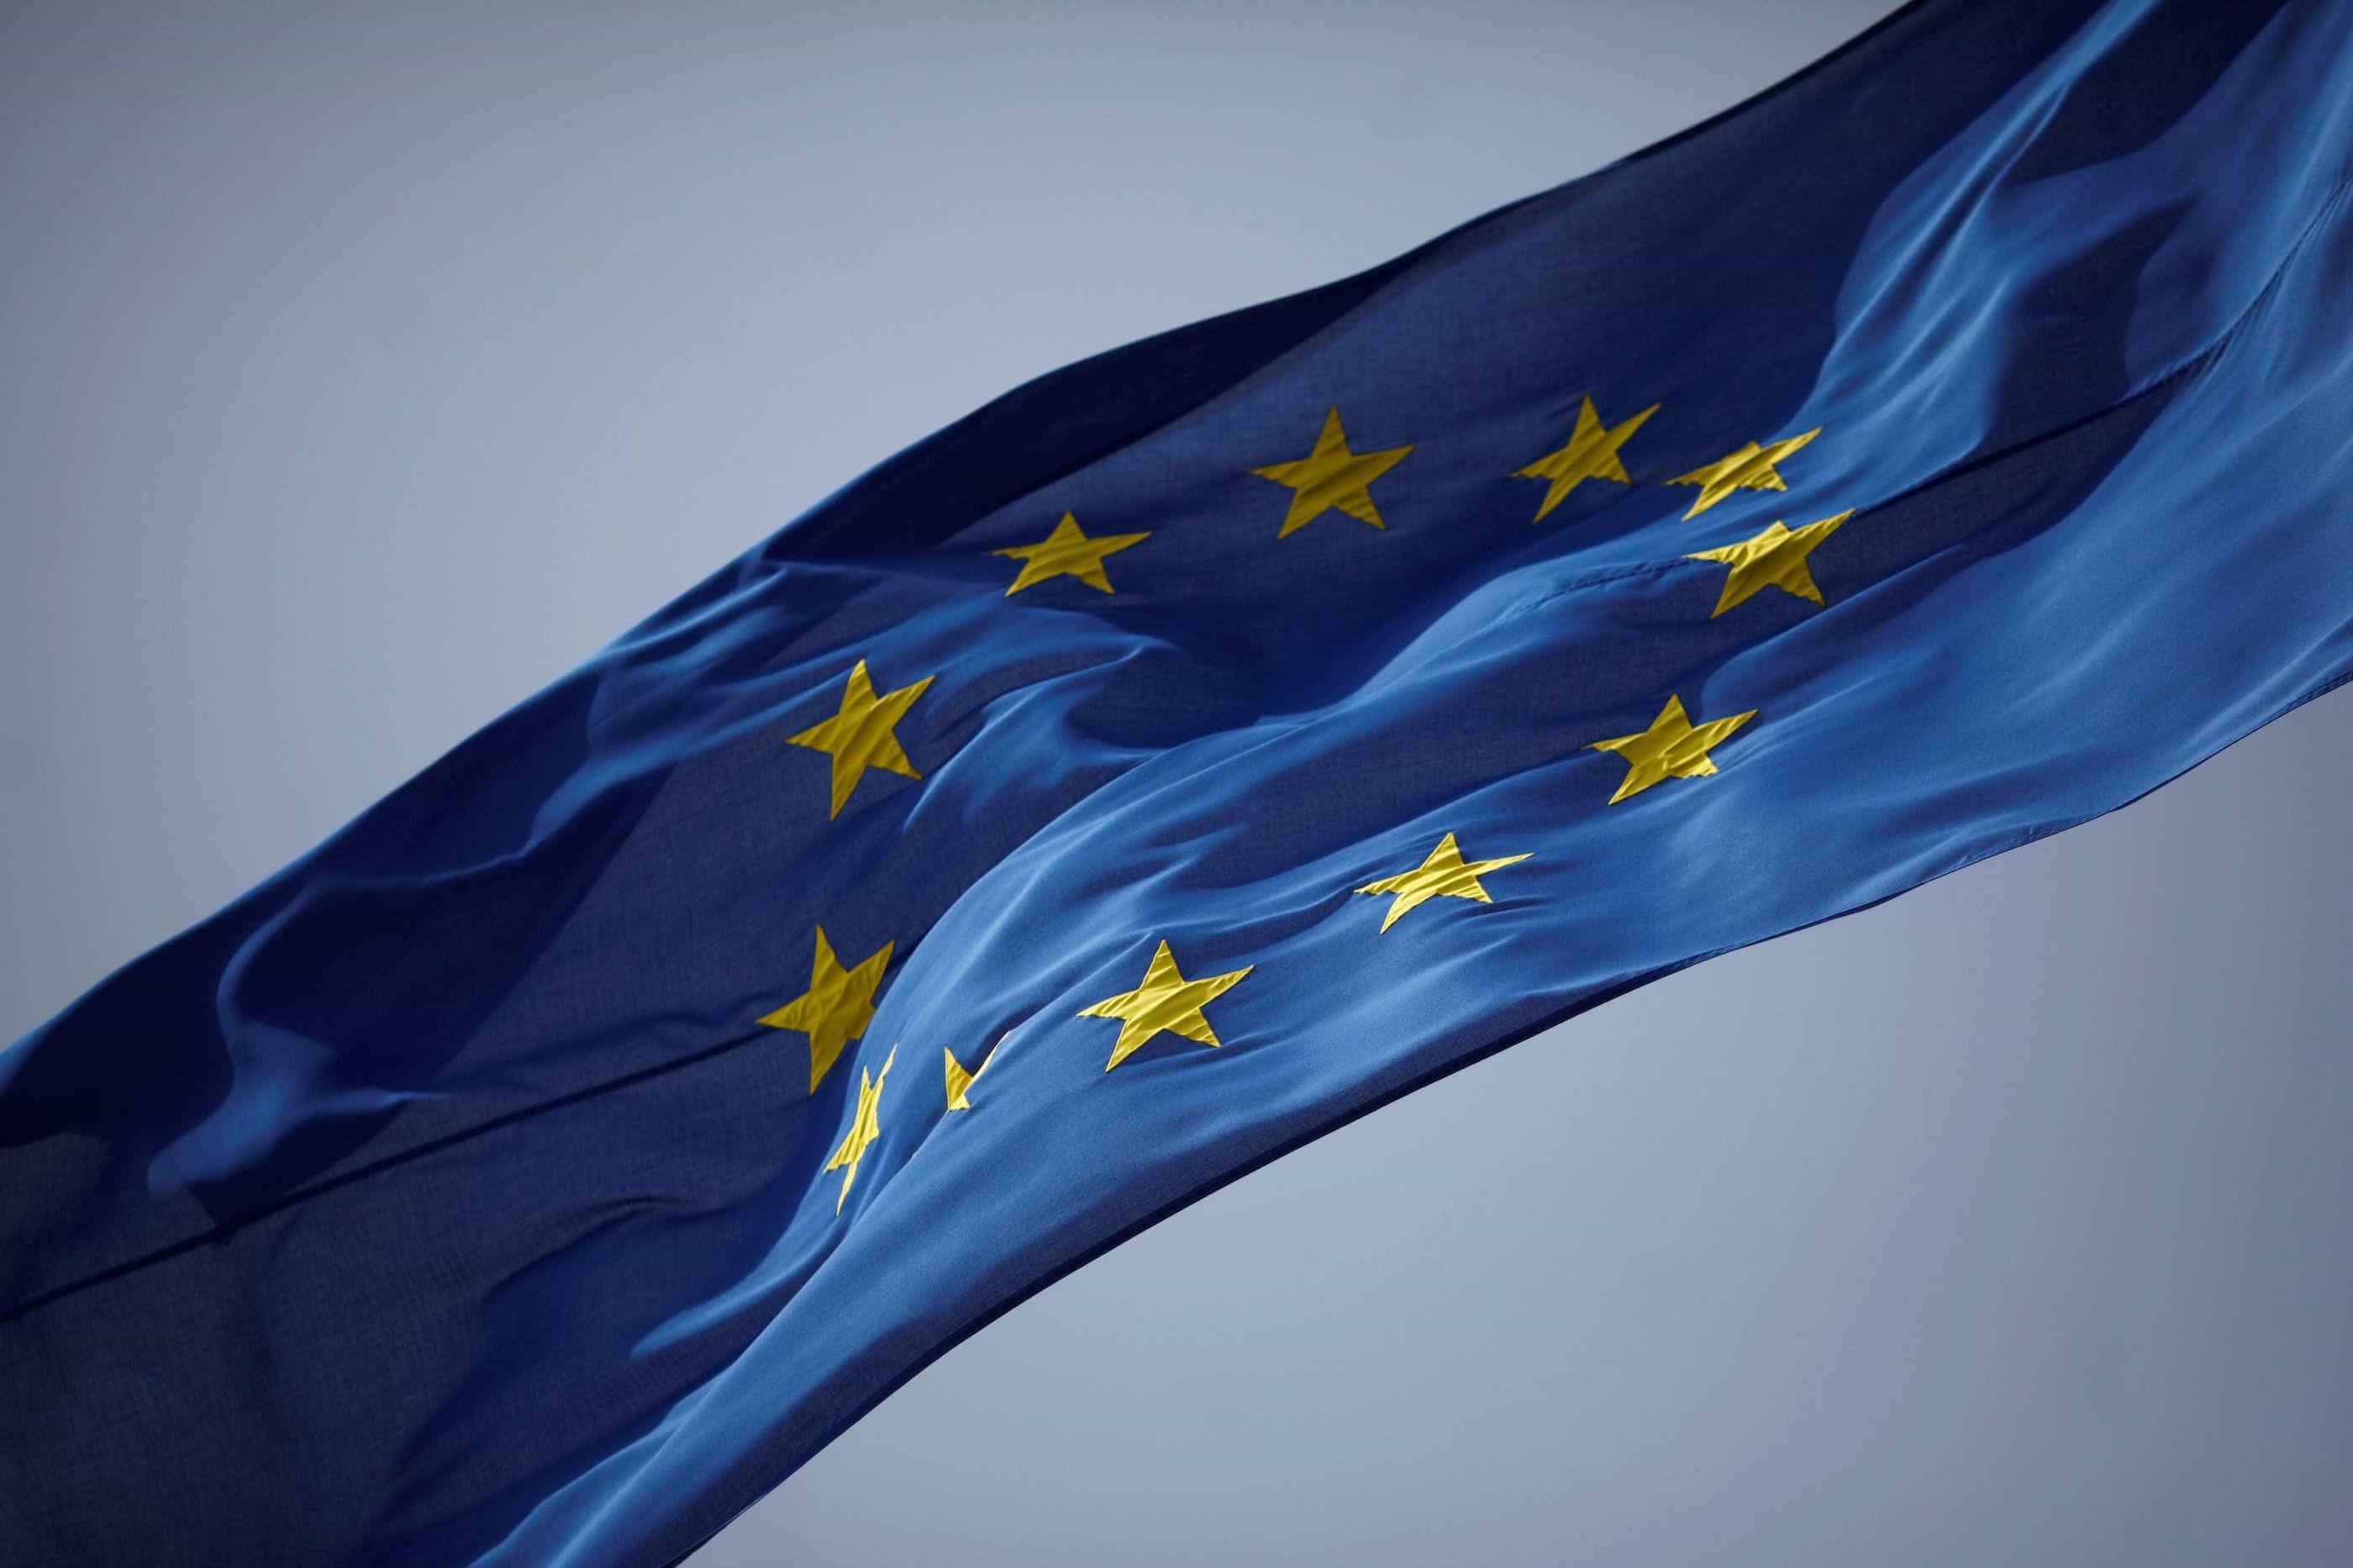 Moscovici e Costa defendem harmonização fiscal por maioria qualificada